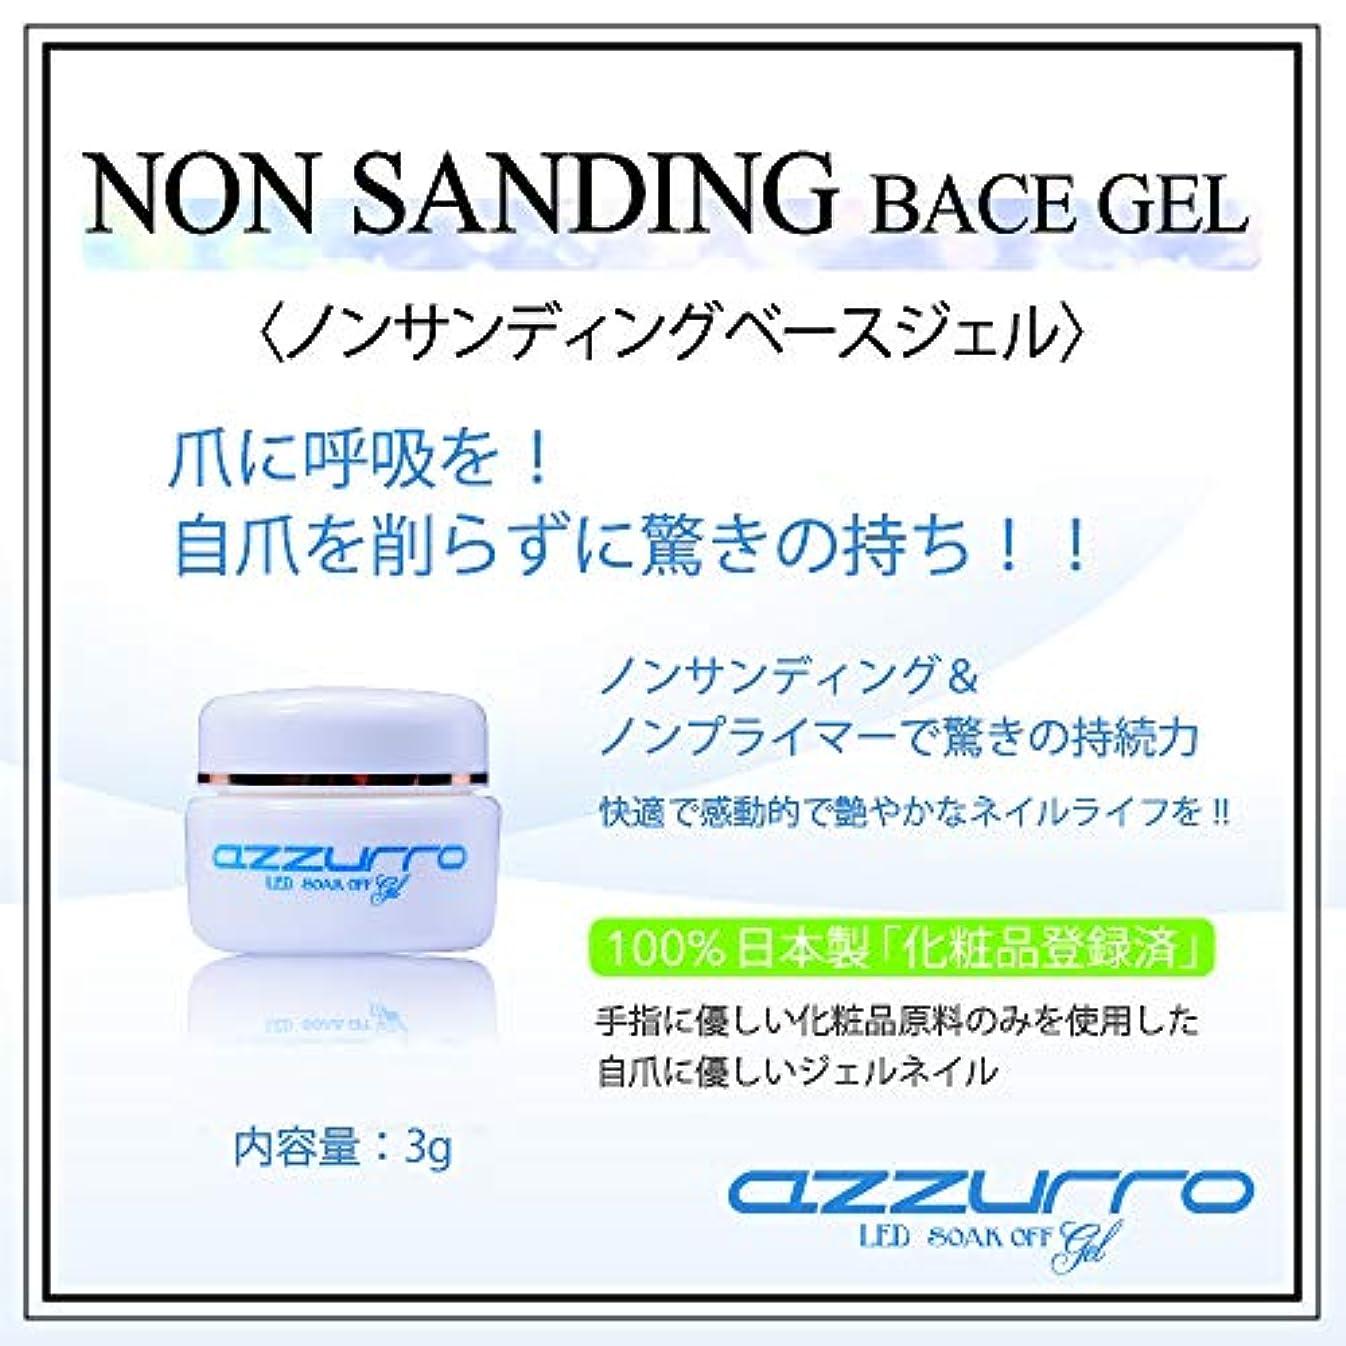 運動する勝つ倉庫azzurro gel アッズーロ ノンサンディング ベースジェル 削らないのに抜群の密着力 リムーバーでオフも簡単 3g